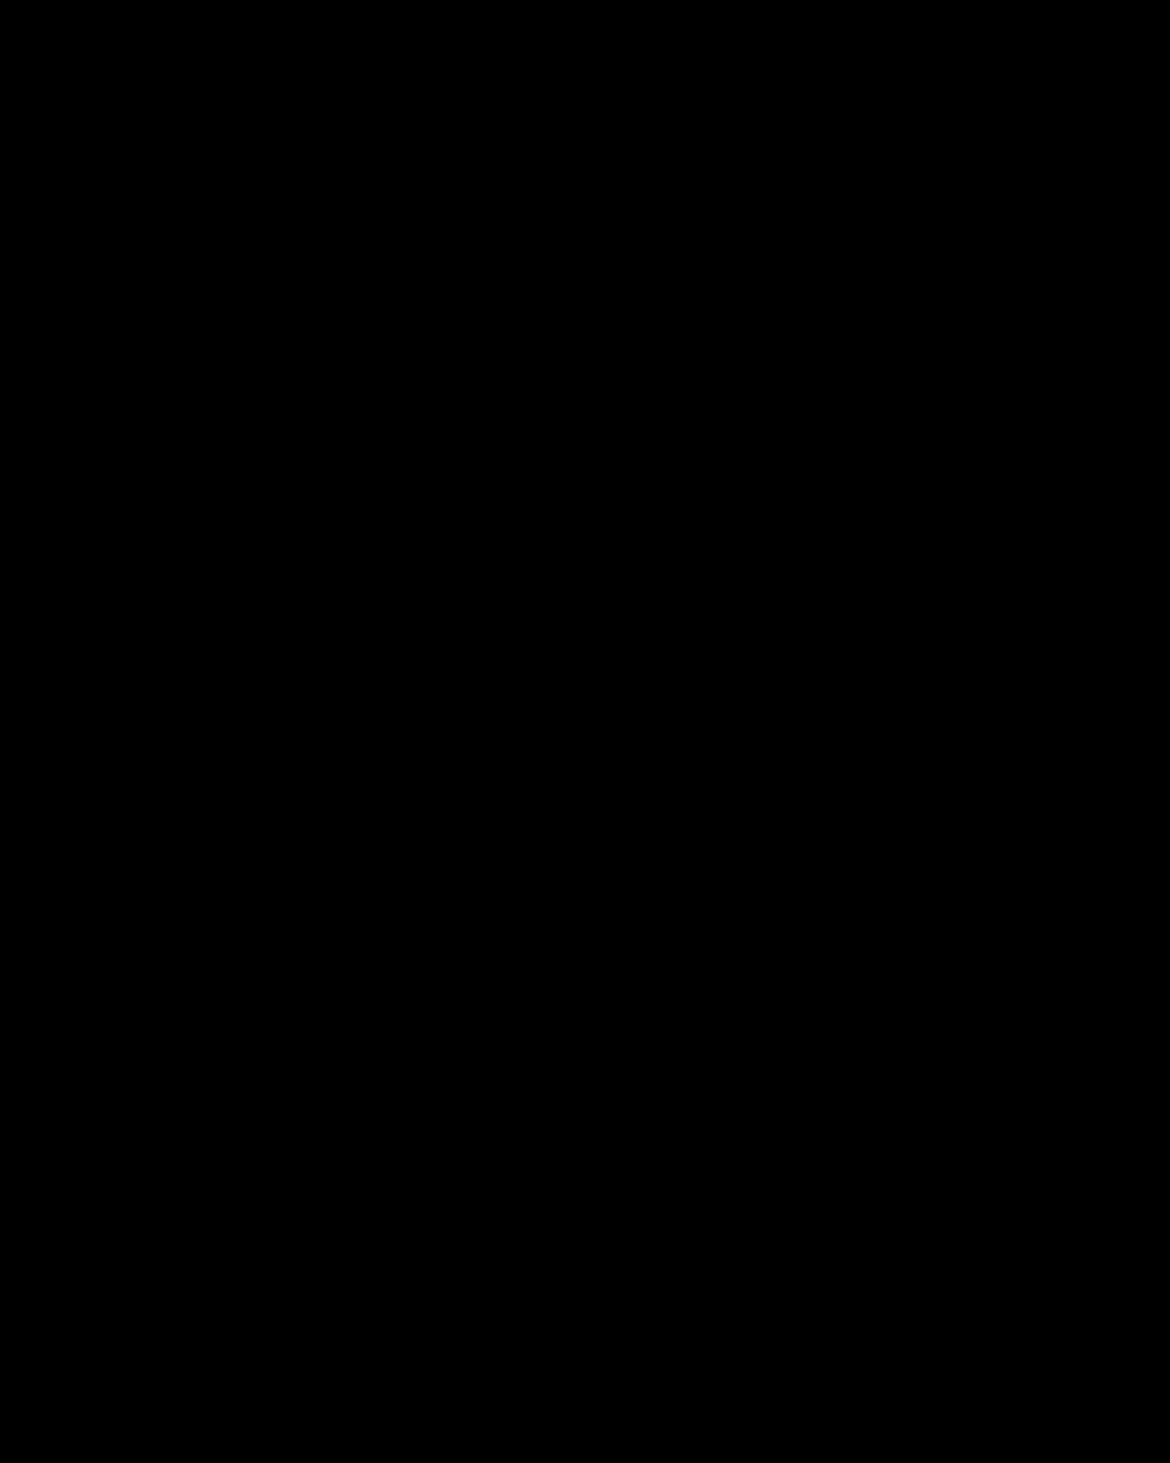 Laura Comolli nei divanetti en plein air - Il mio weekend di relax nelle Langhe a Il Boscareto Resort & SPA